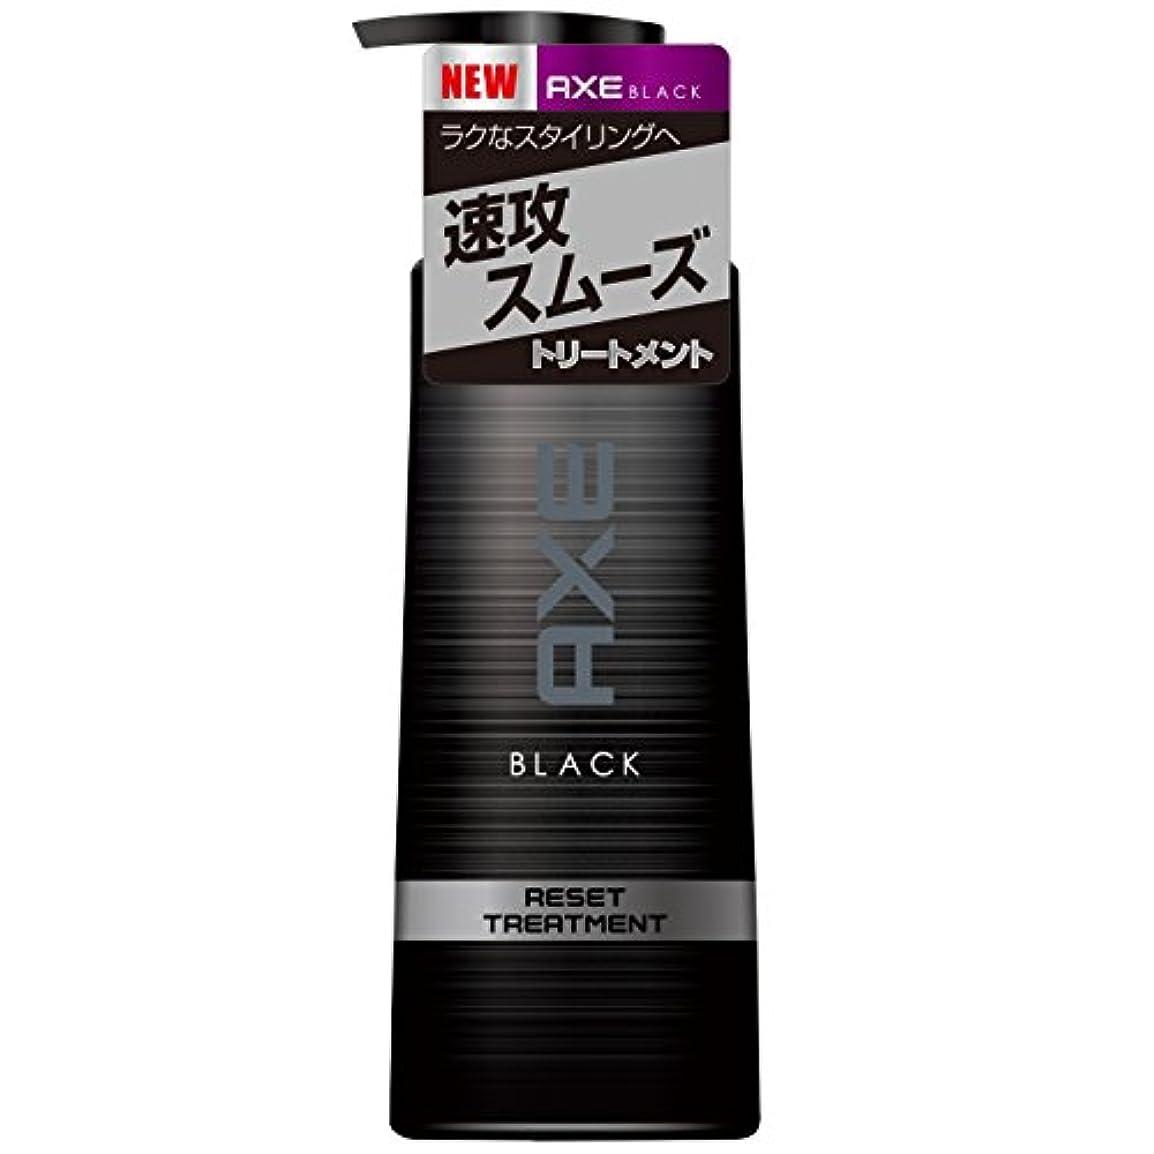 ジョグ楽観的ペレットアックス ブラック 男性用 トリートメント ポンプ (速攻スムーズ、ラクなスタイリングへ) 350g (クールマリンのさりげない香り)